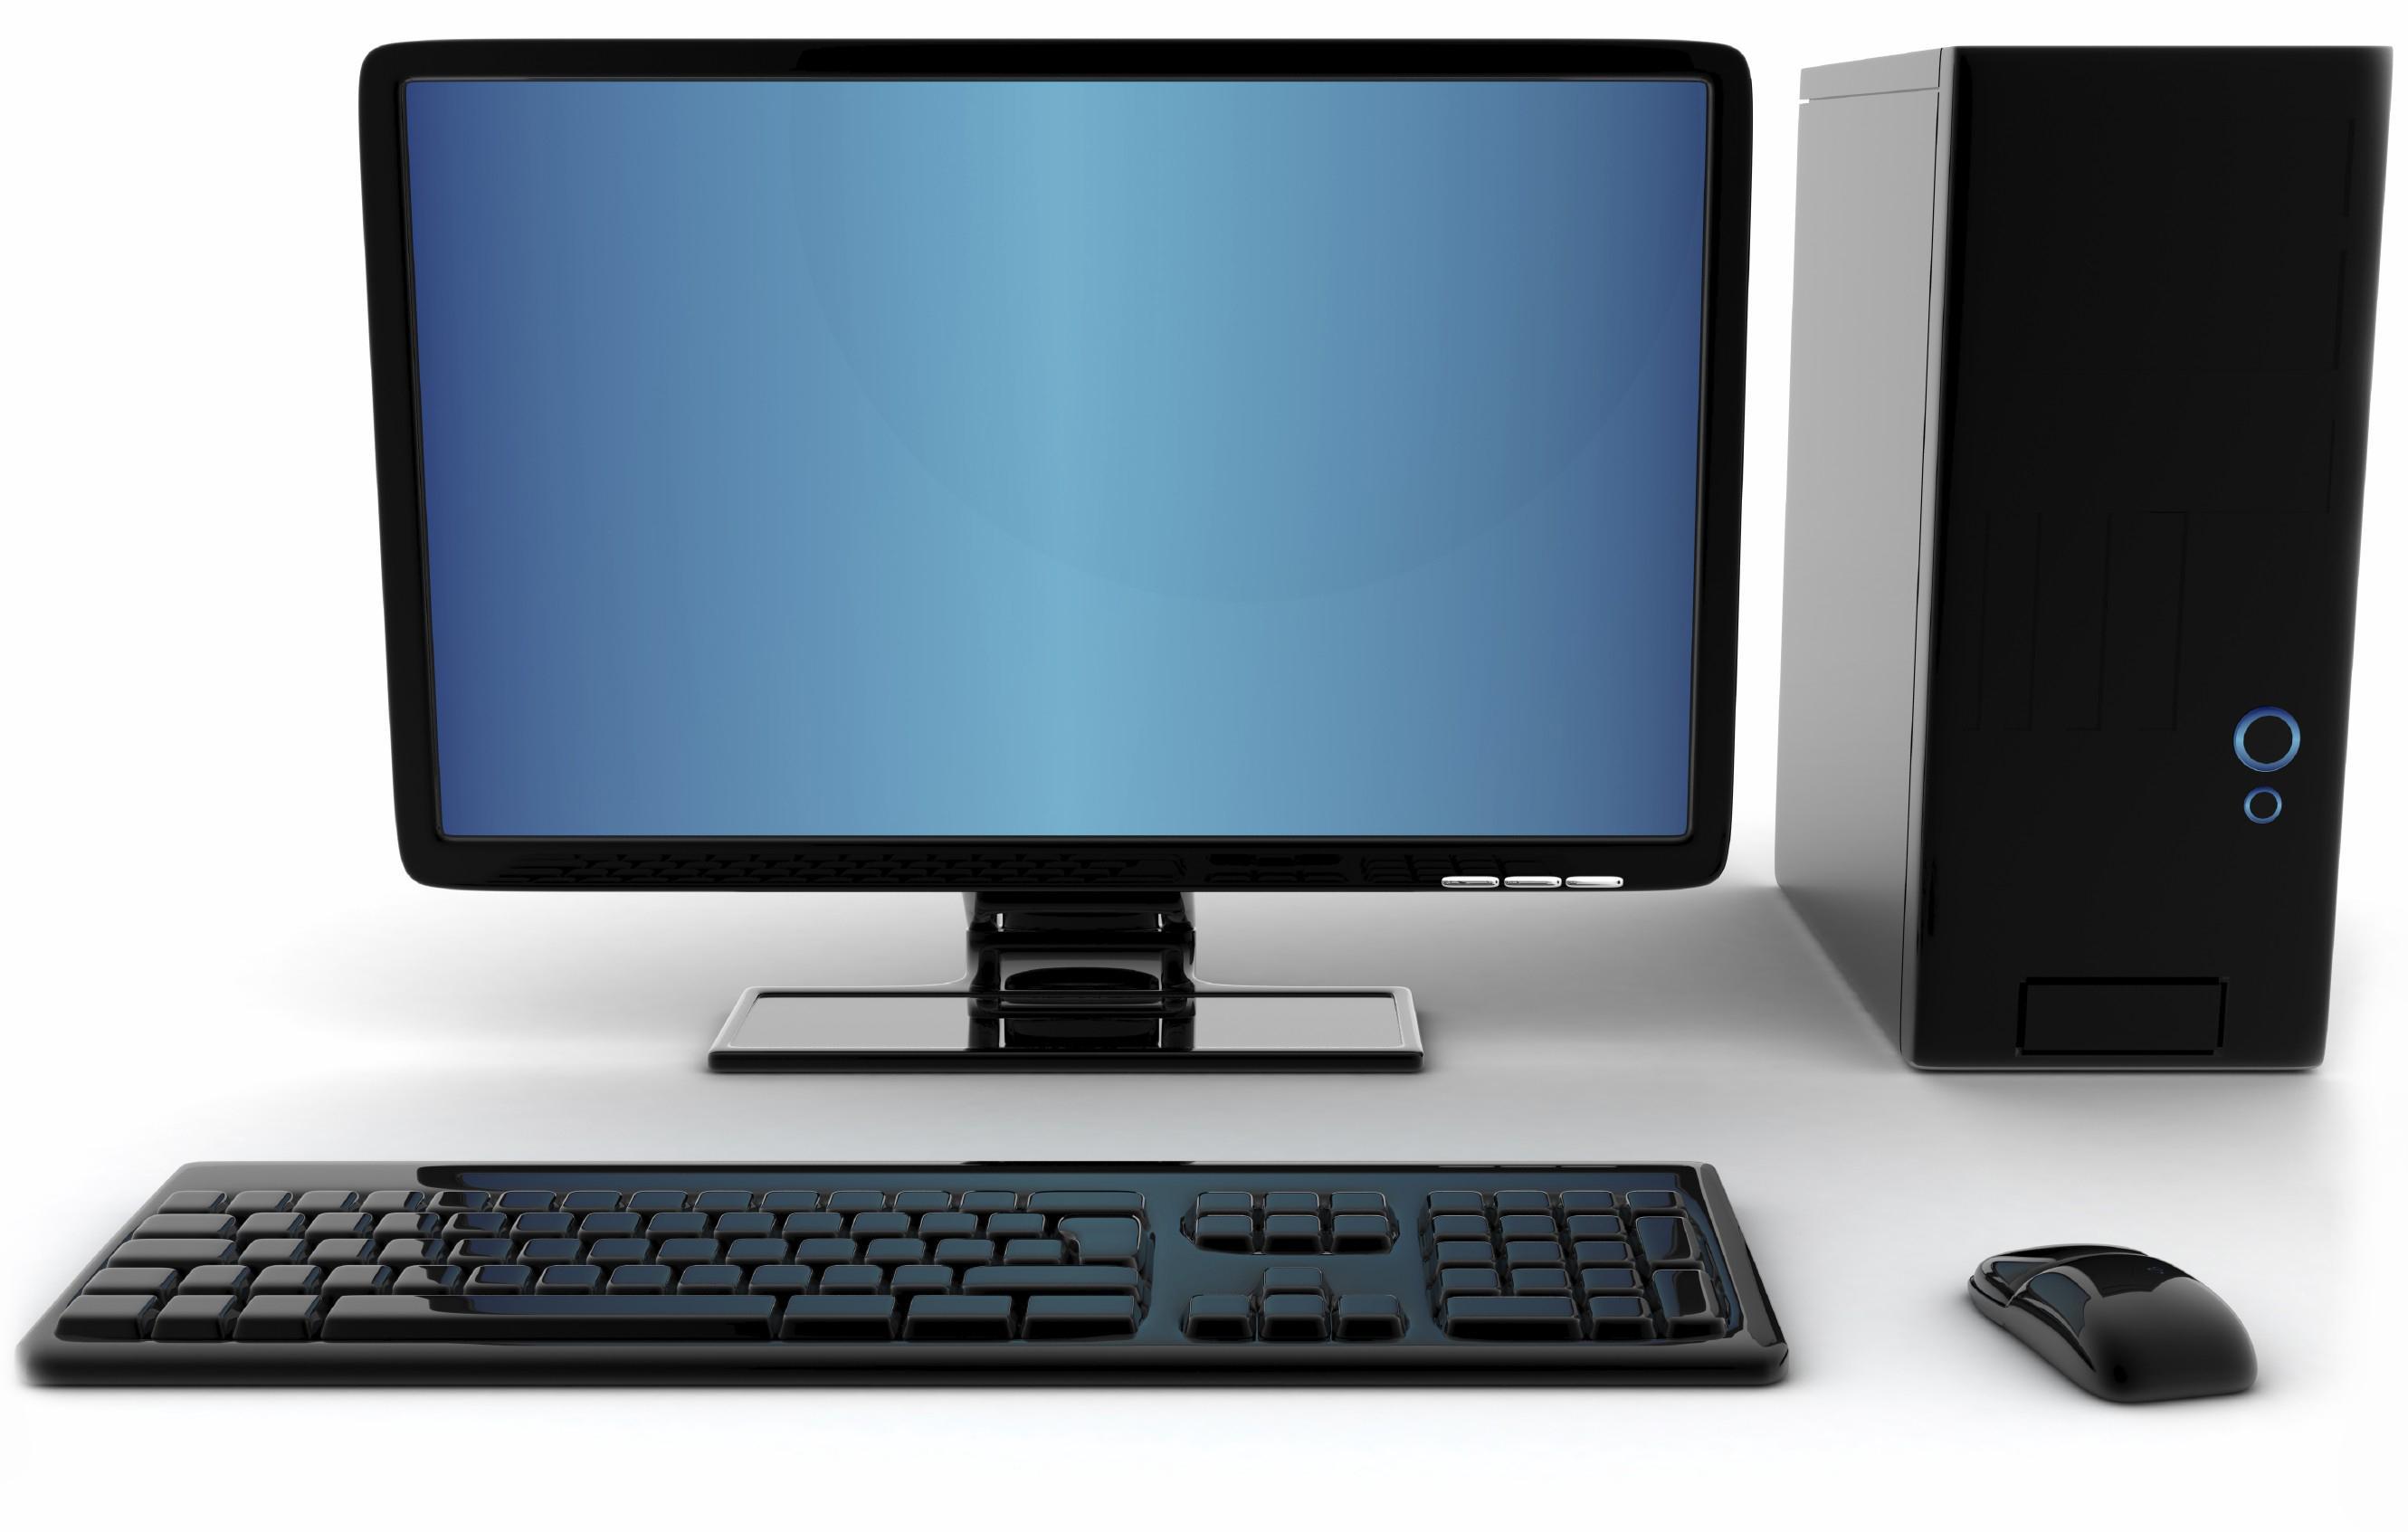 Как узнать mac адрес компьютера?